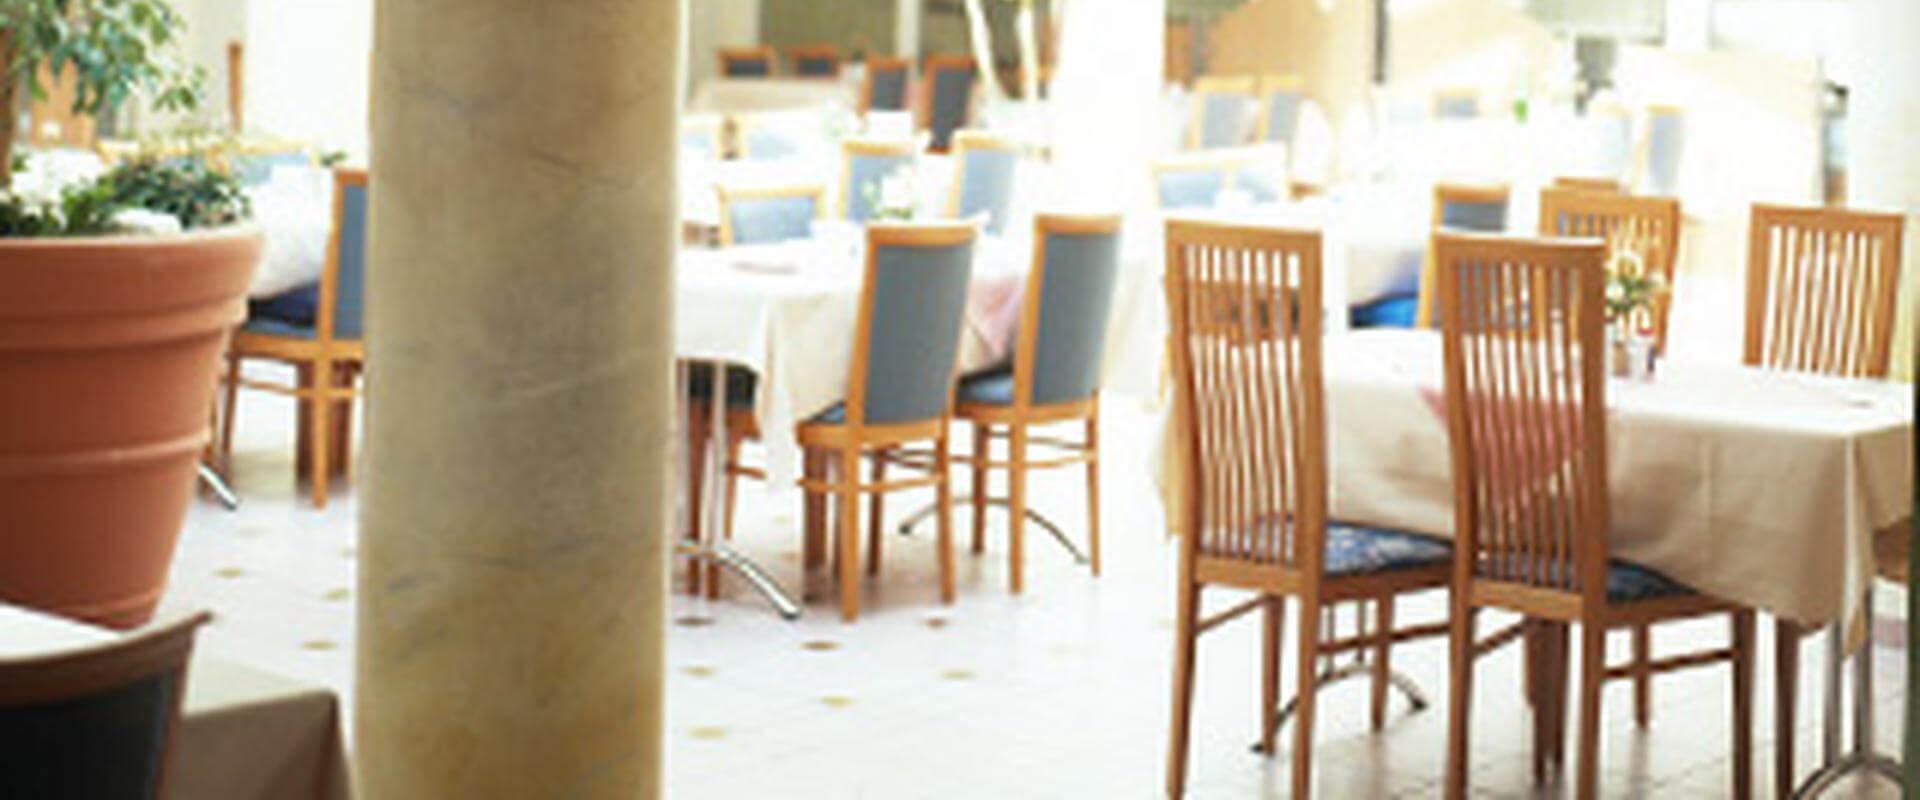 Speisesaal der MEDIAN Frankenpark Klinik Bad Kissingen